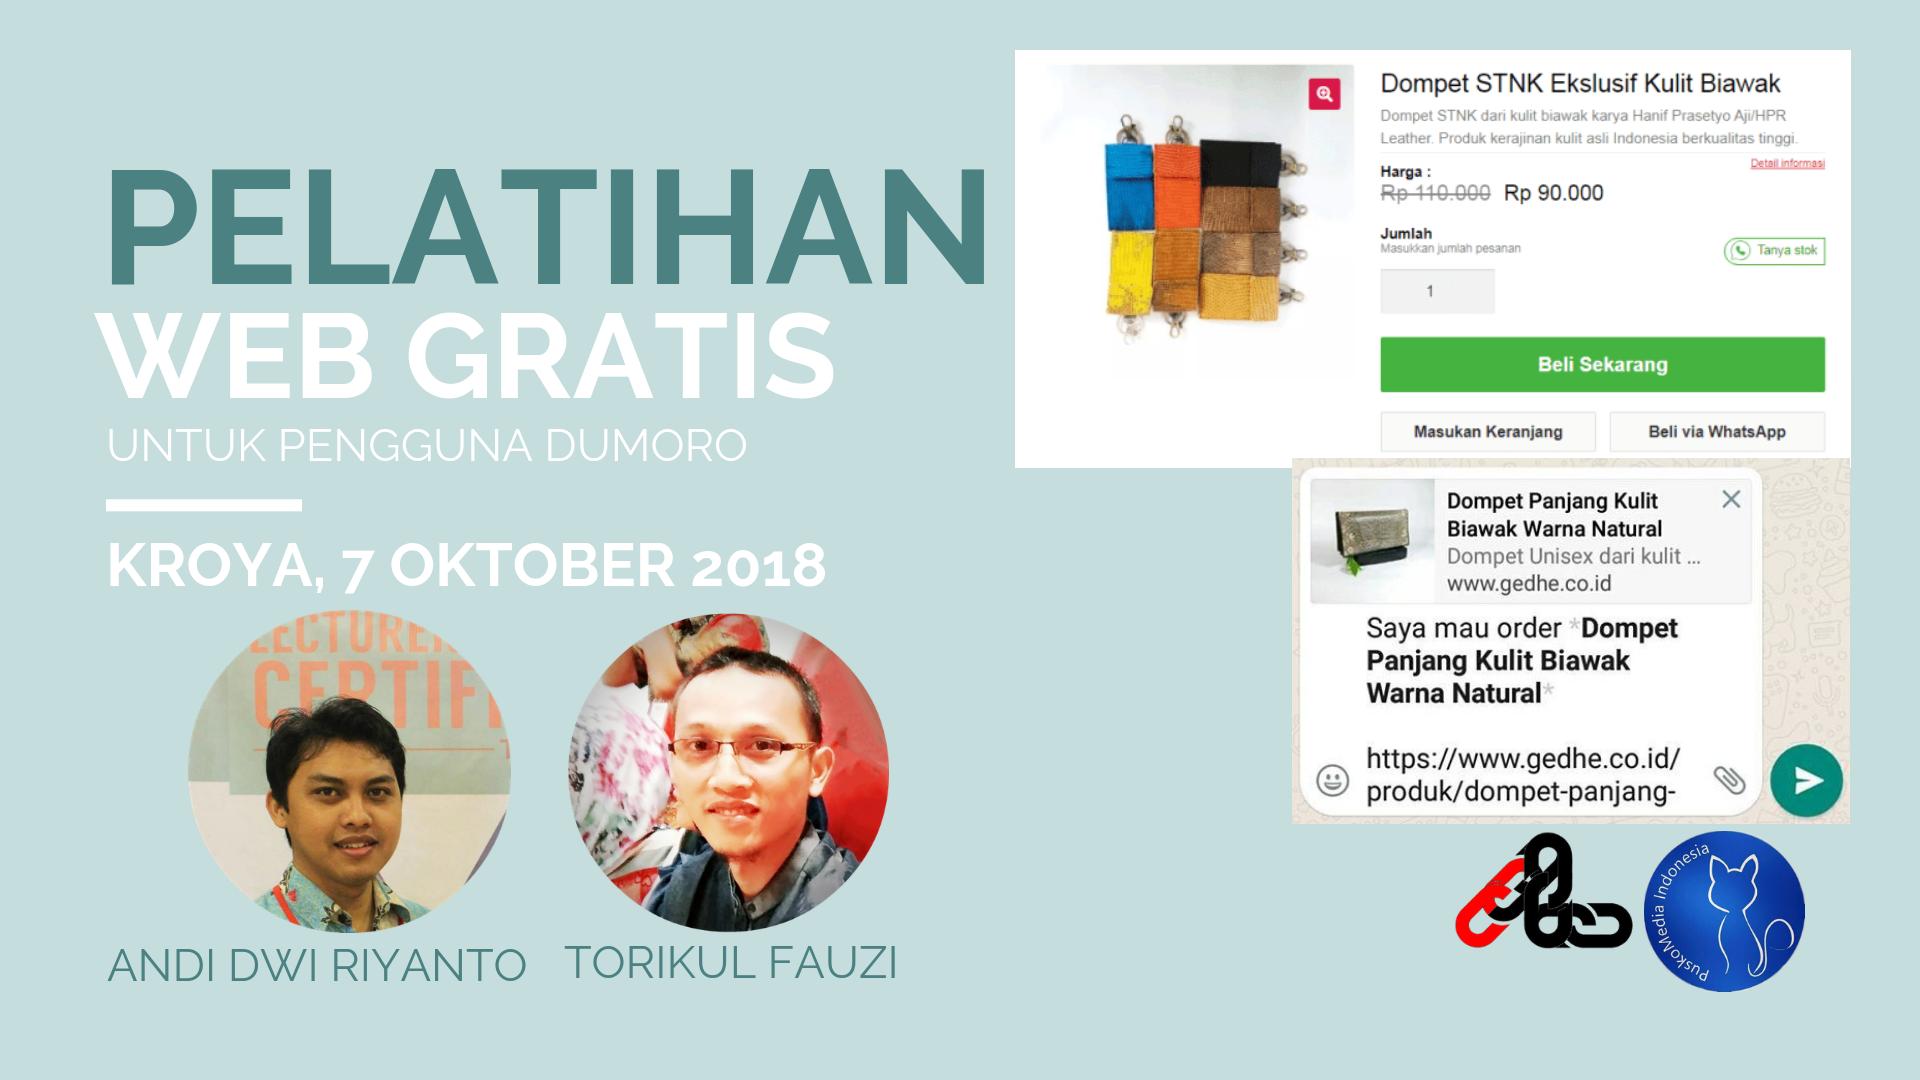 Pelatihan Web Gratis untuk Pengguna Dumoro, Kroya 7 Oktober 2018